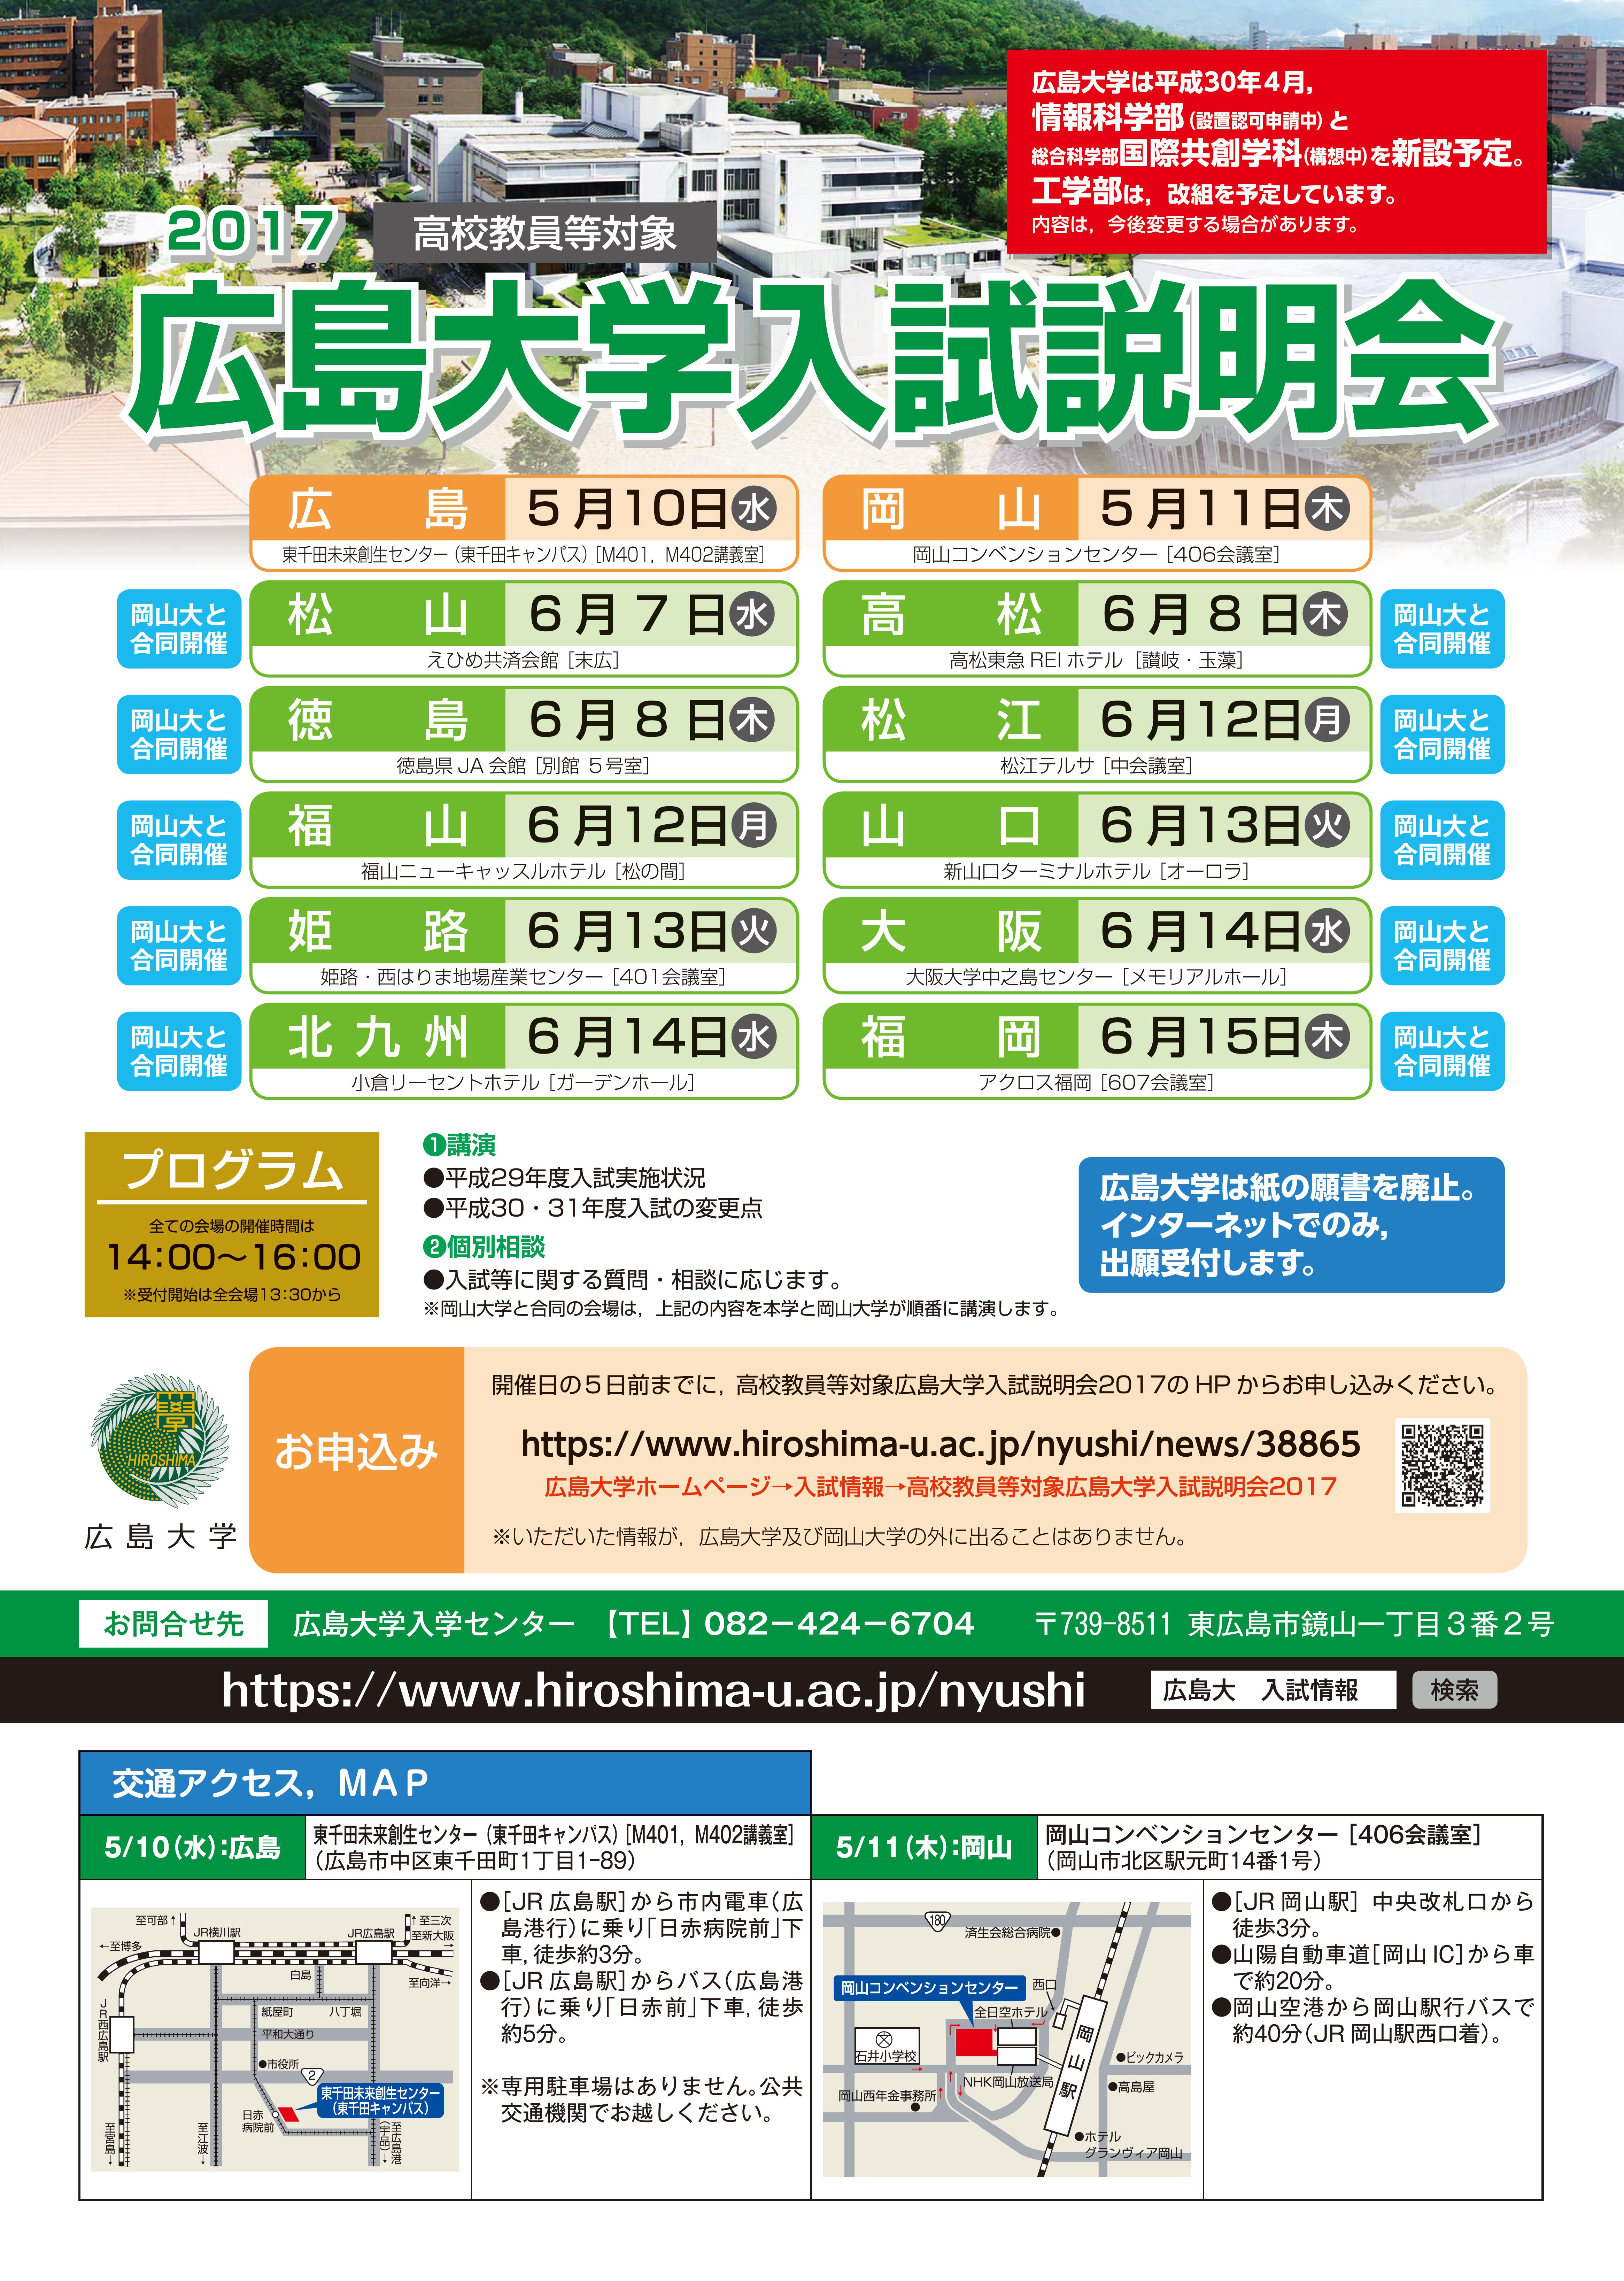 『高校教員等対象 広島大学入試説明会2017』案内リーフレット